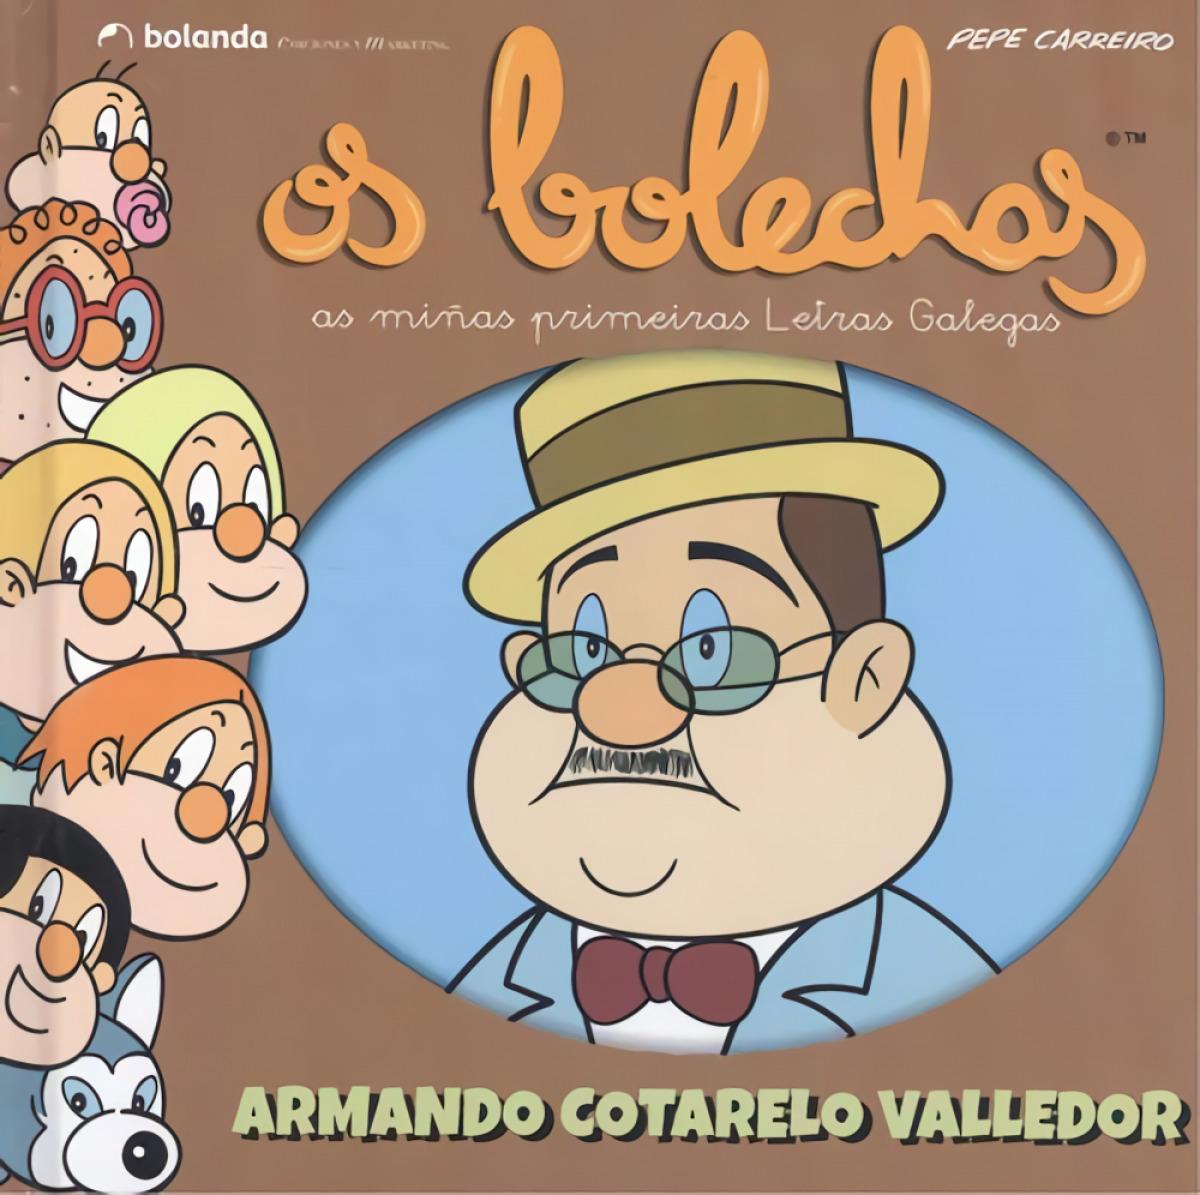 Os Bolechas. Armando Cotarelo Valledor